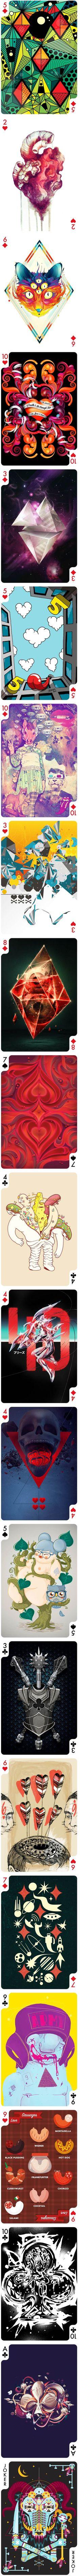 Creative Cards Project | Zeutch